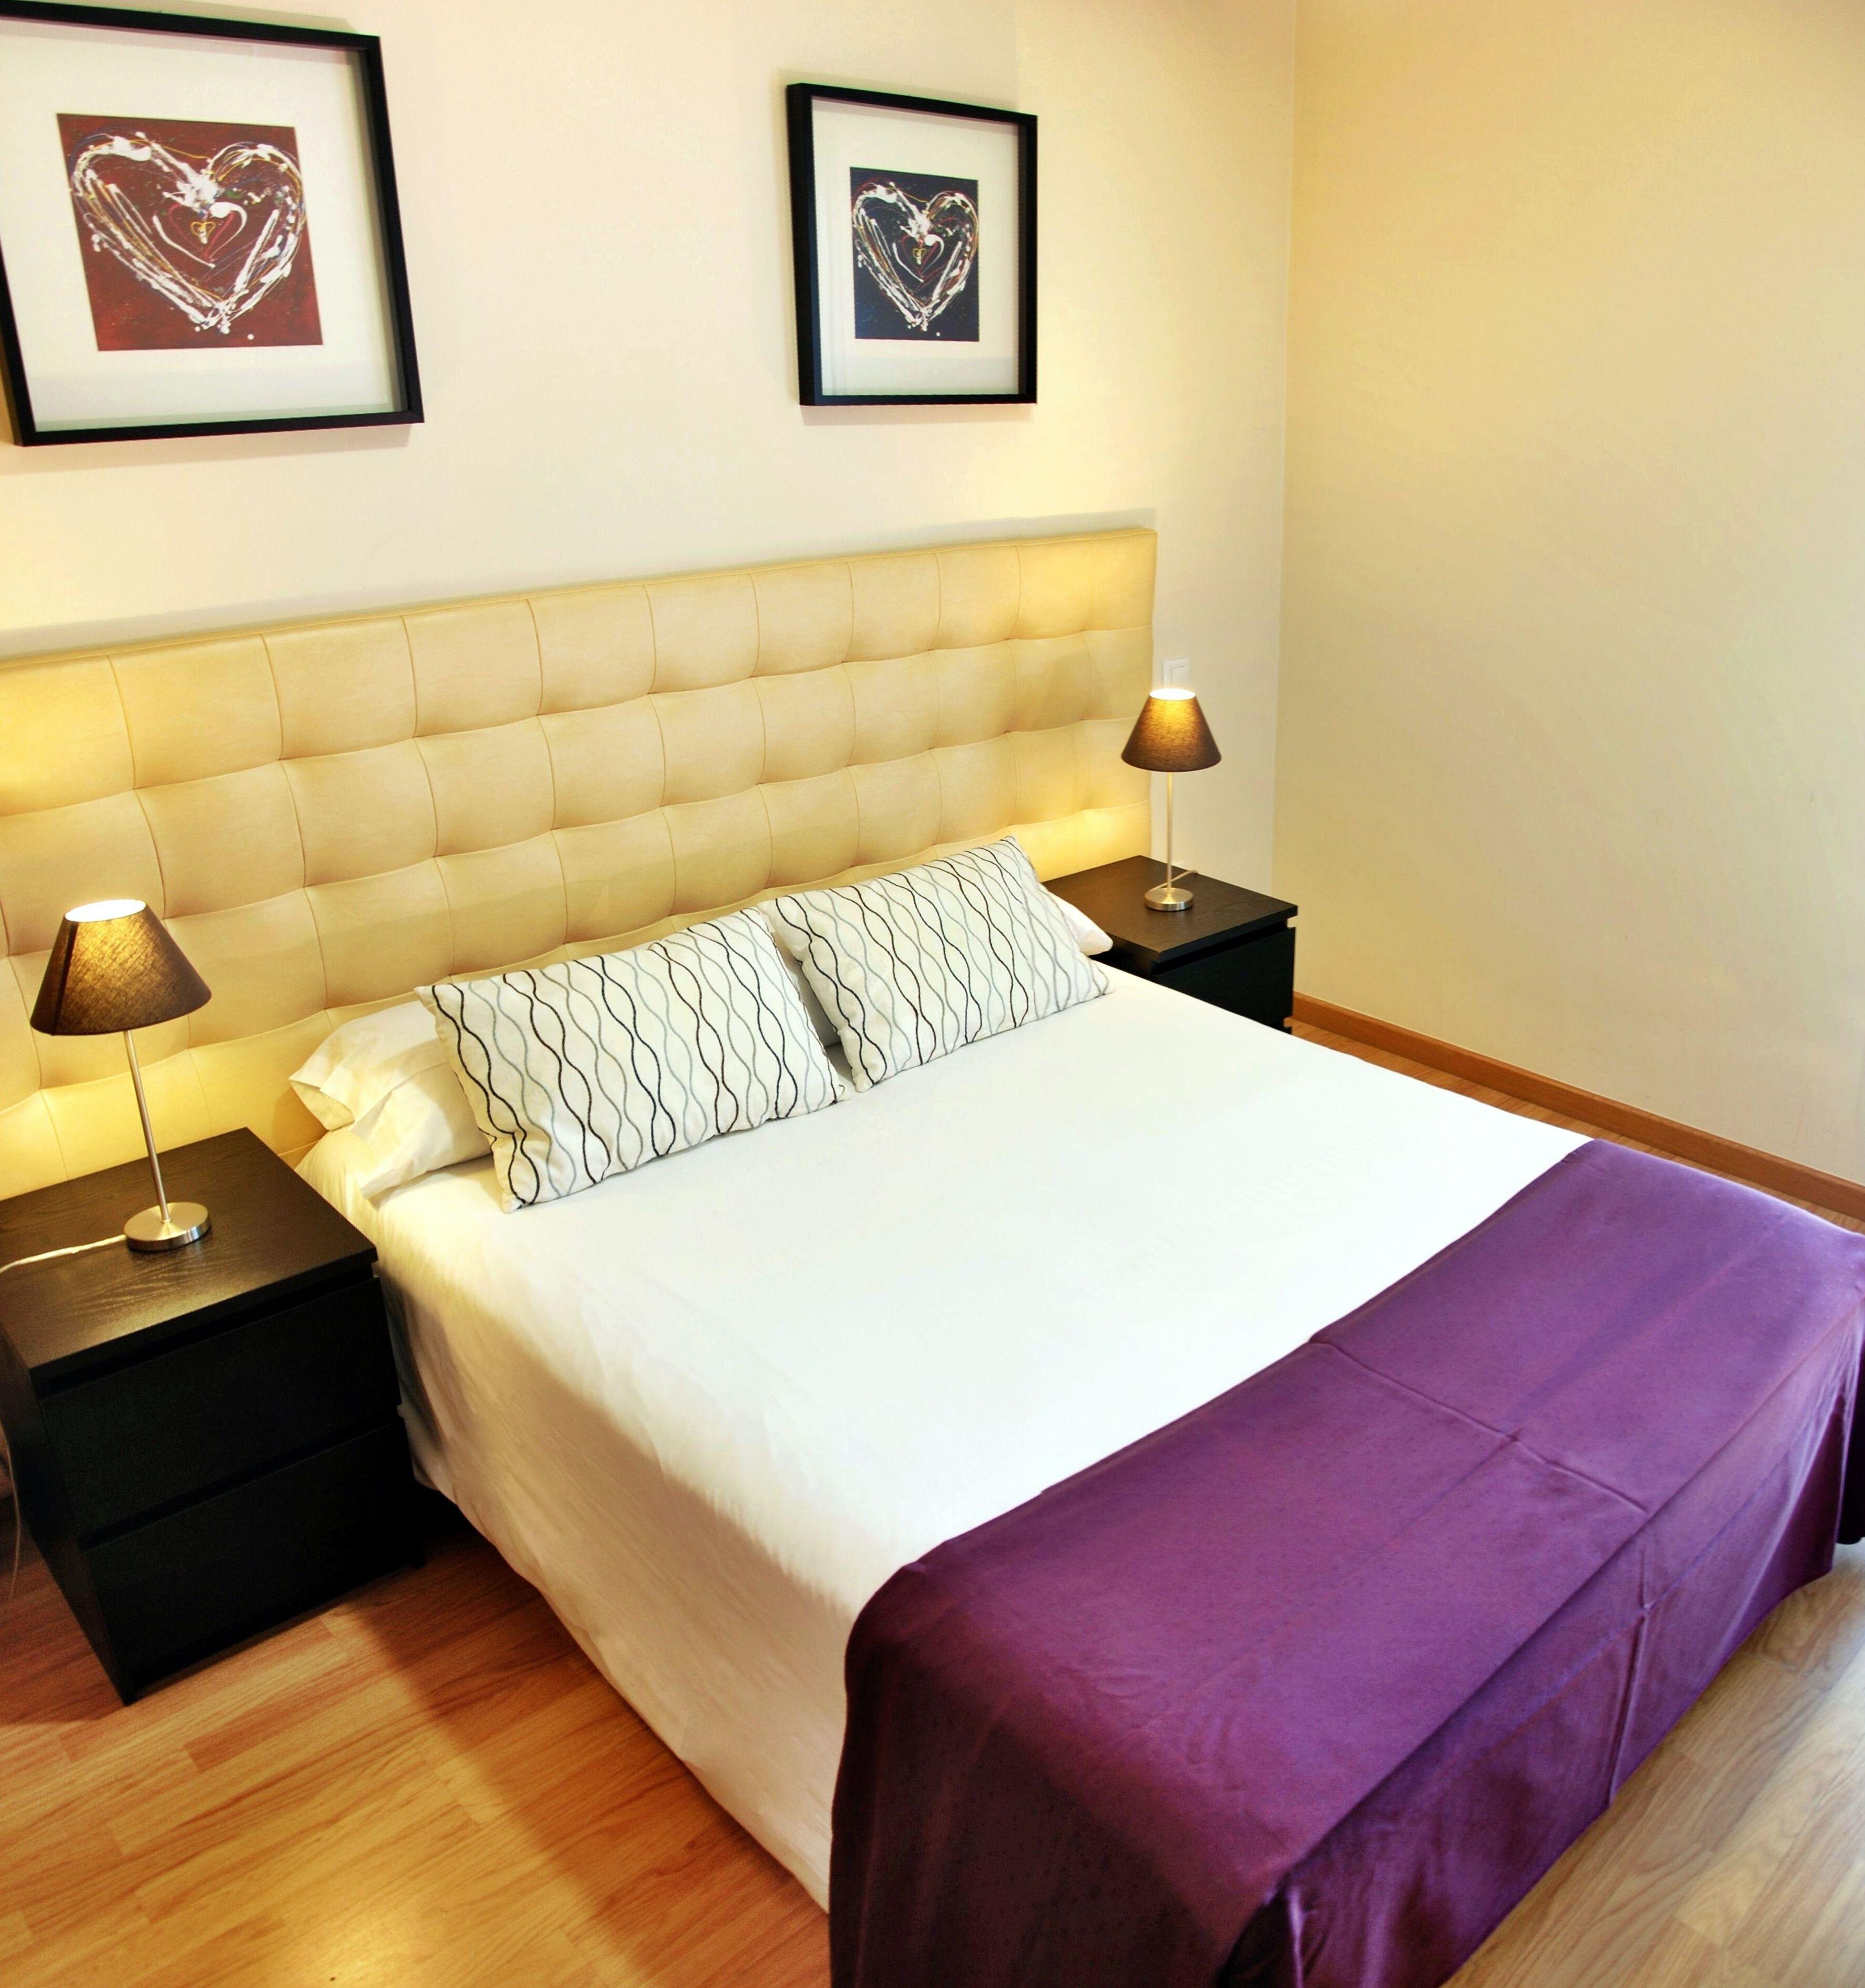 Habitaci n por horas en vic lvaro madrid en el for Precio habitacion hotel